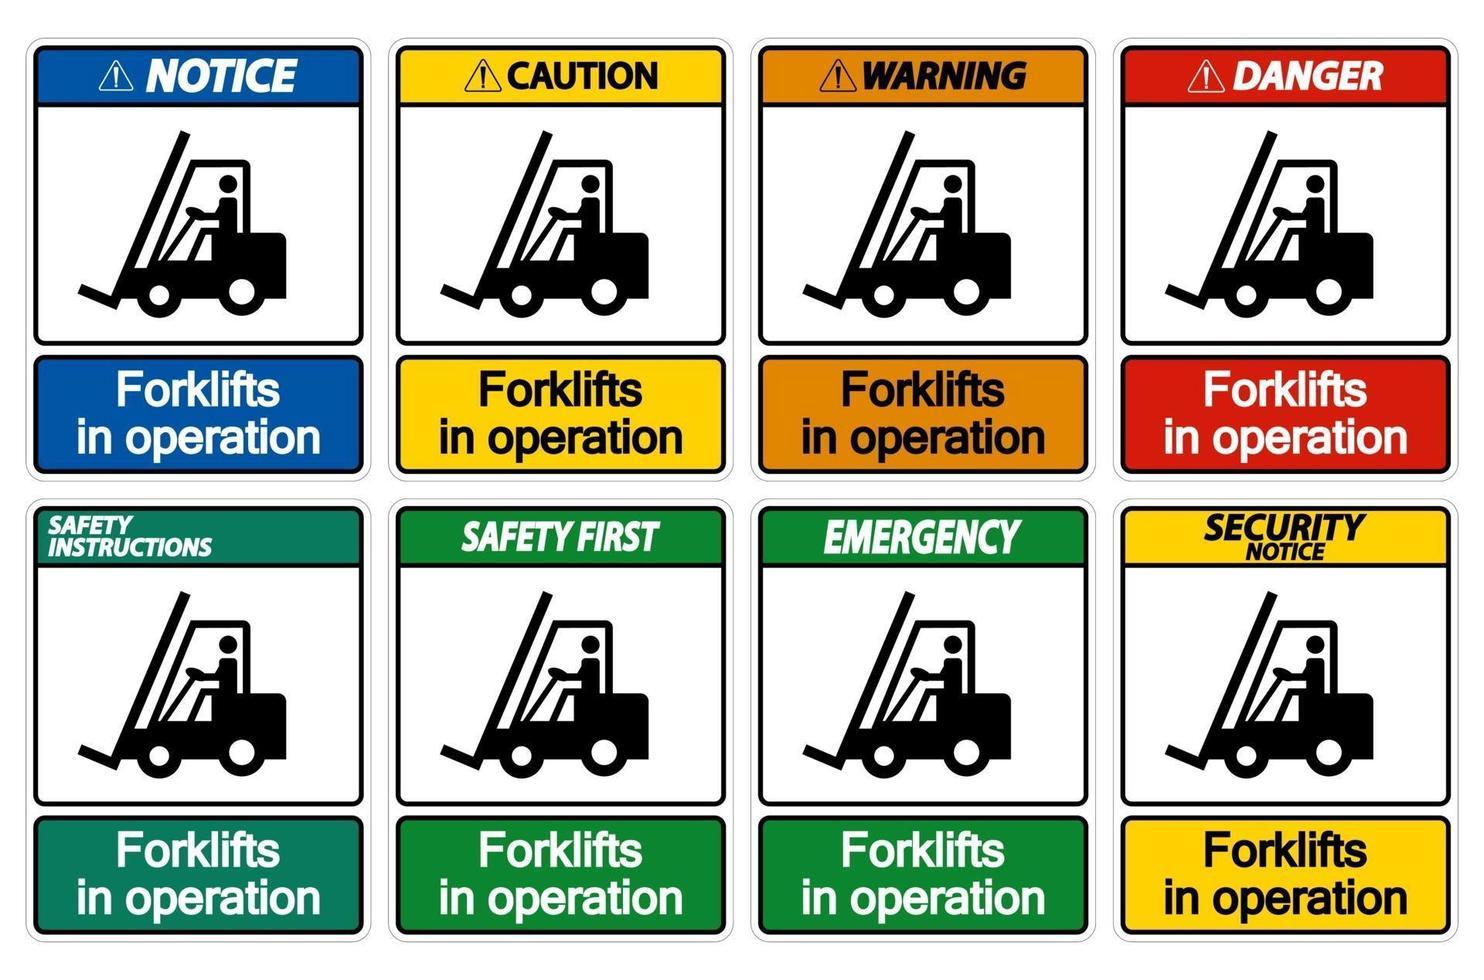 carrelli elevatori in segno di simbolo di funzionamento isolare su sfondo trasparente vettore